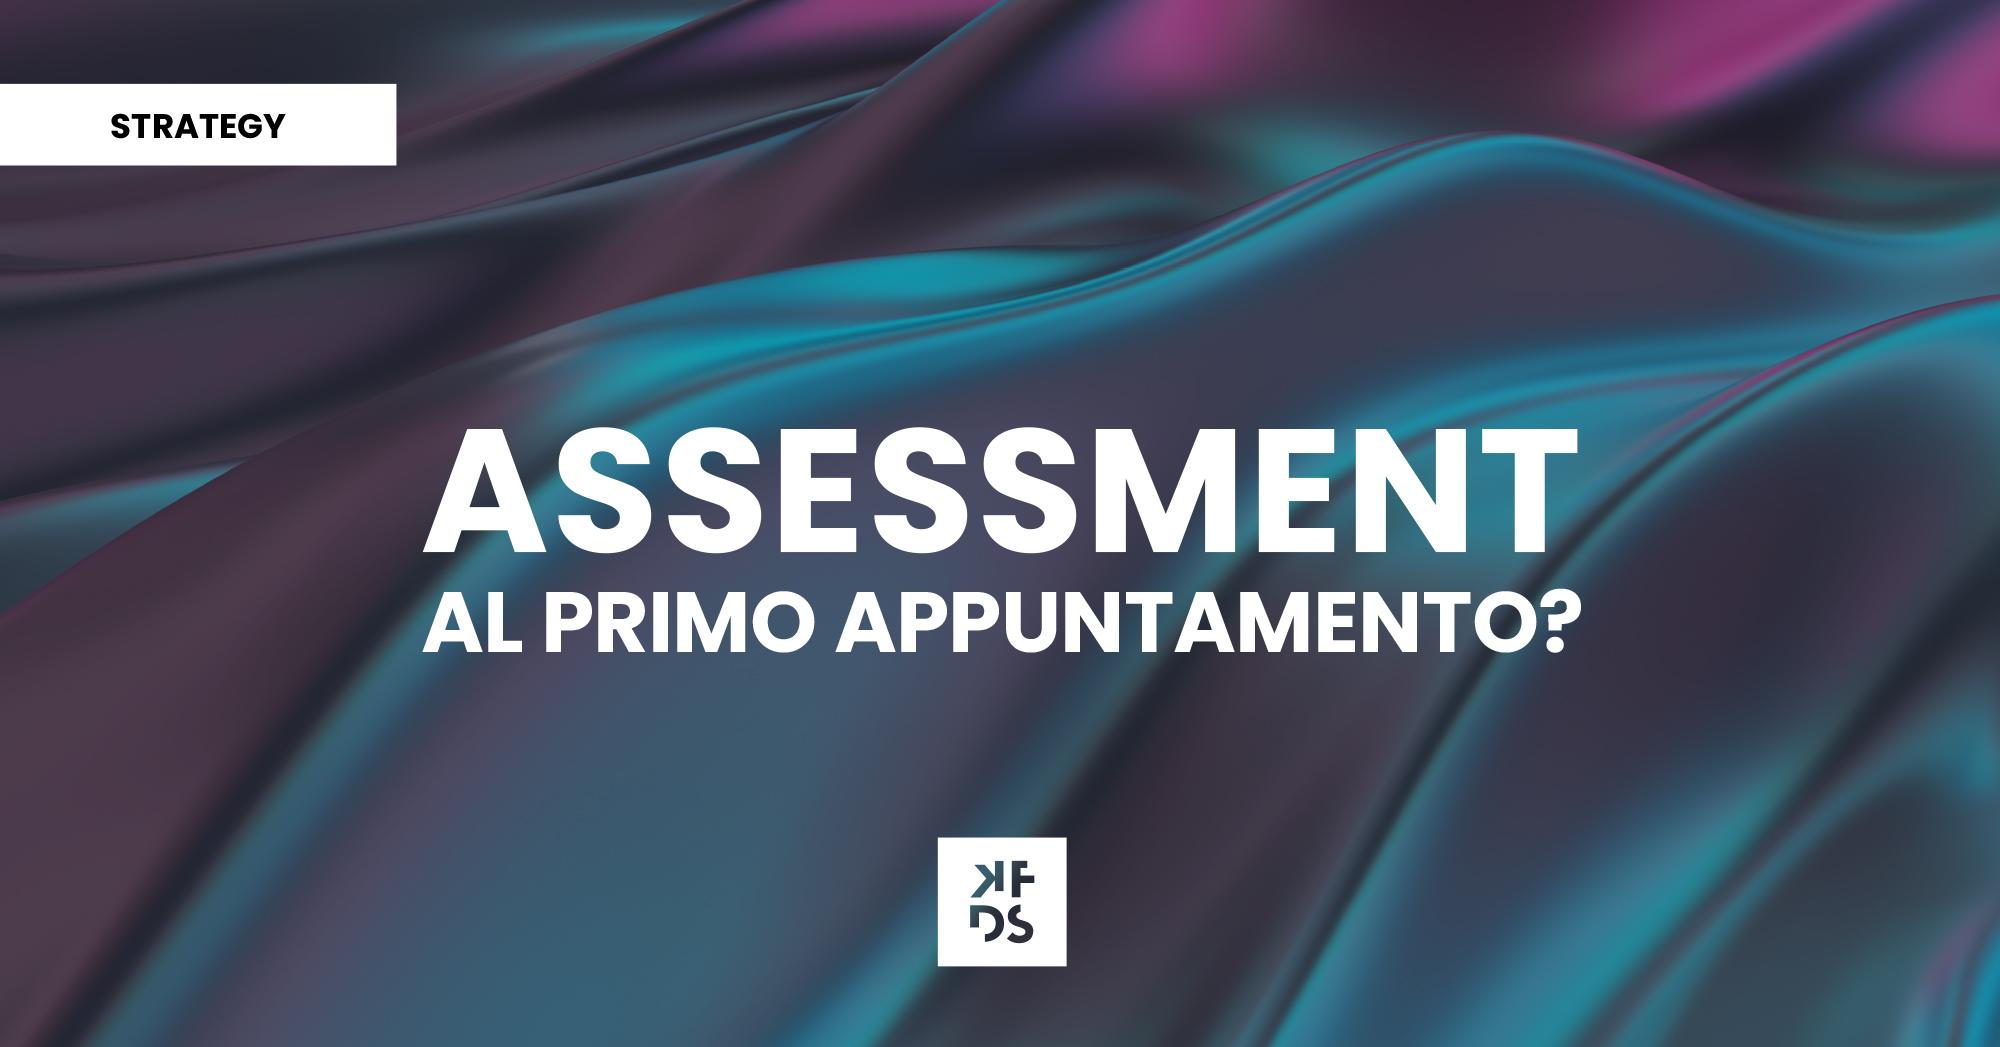 Assessment al primo appuntamento?